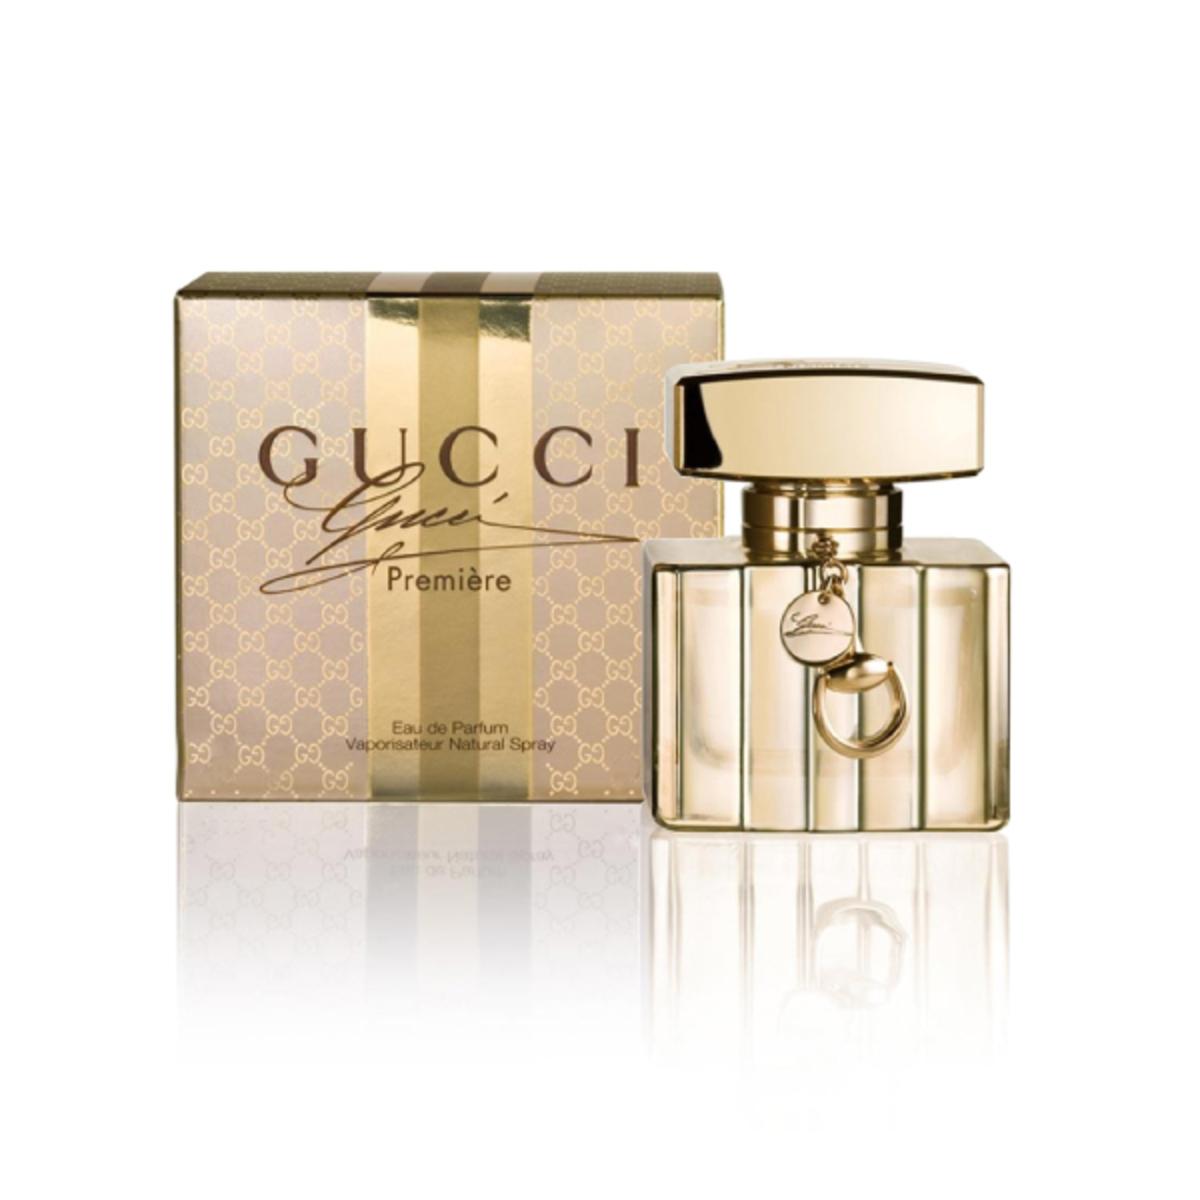 a0166dbea68 GUCCI Premiere Eau de Parfum Spray for Women 50ml | Go Shop